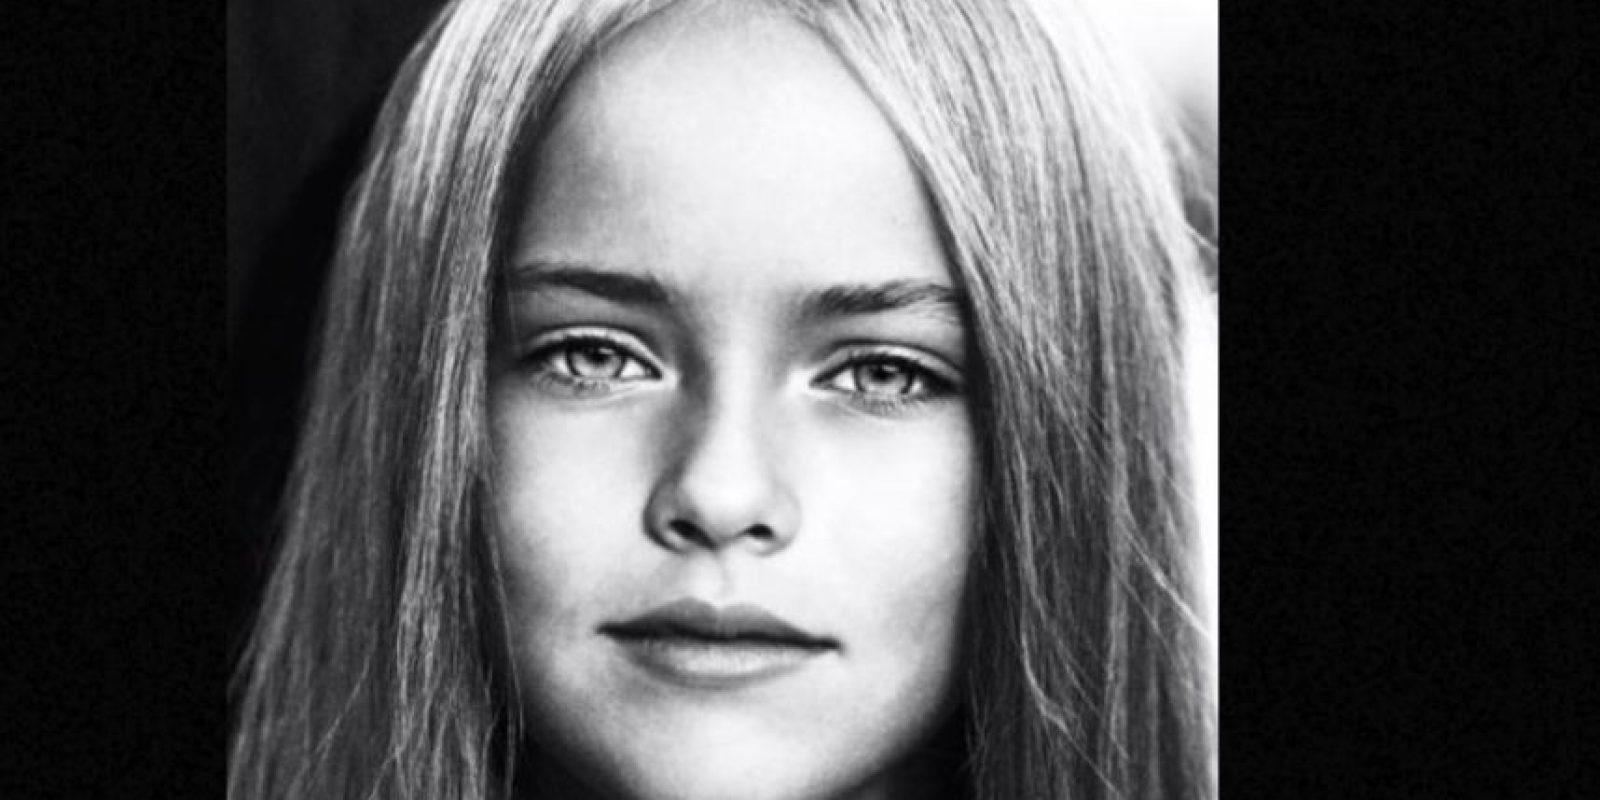 Su padre es futbolista, su madre es modelo retirada. Foto:vía Facebook/Kristina Pimenova